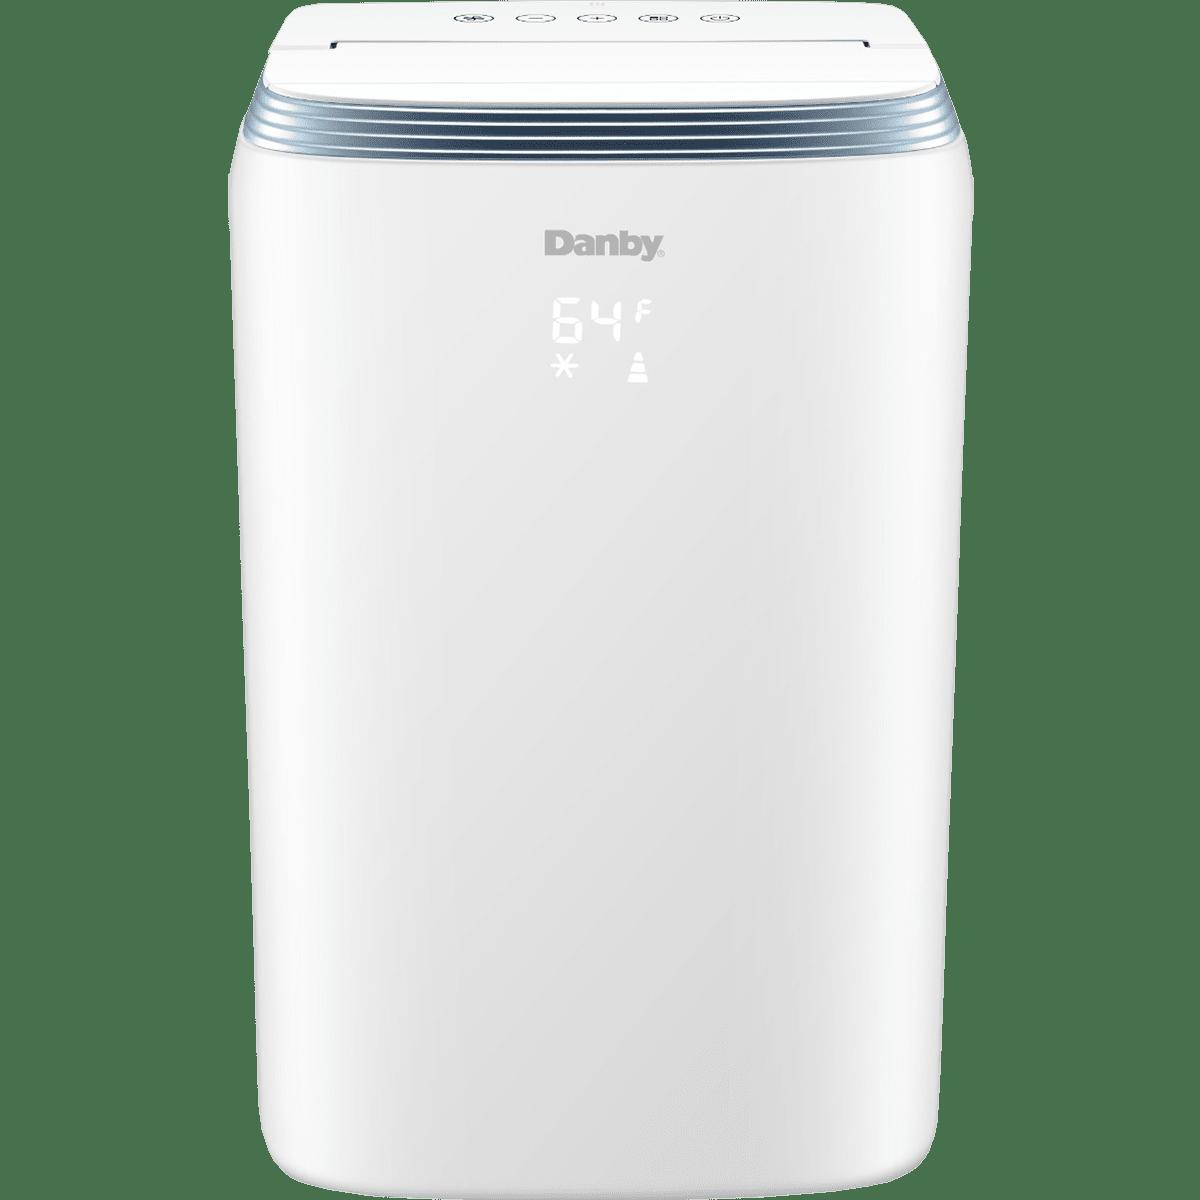 Danby 10 000 Btu Portable Air Conditioner Sylvane